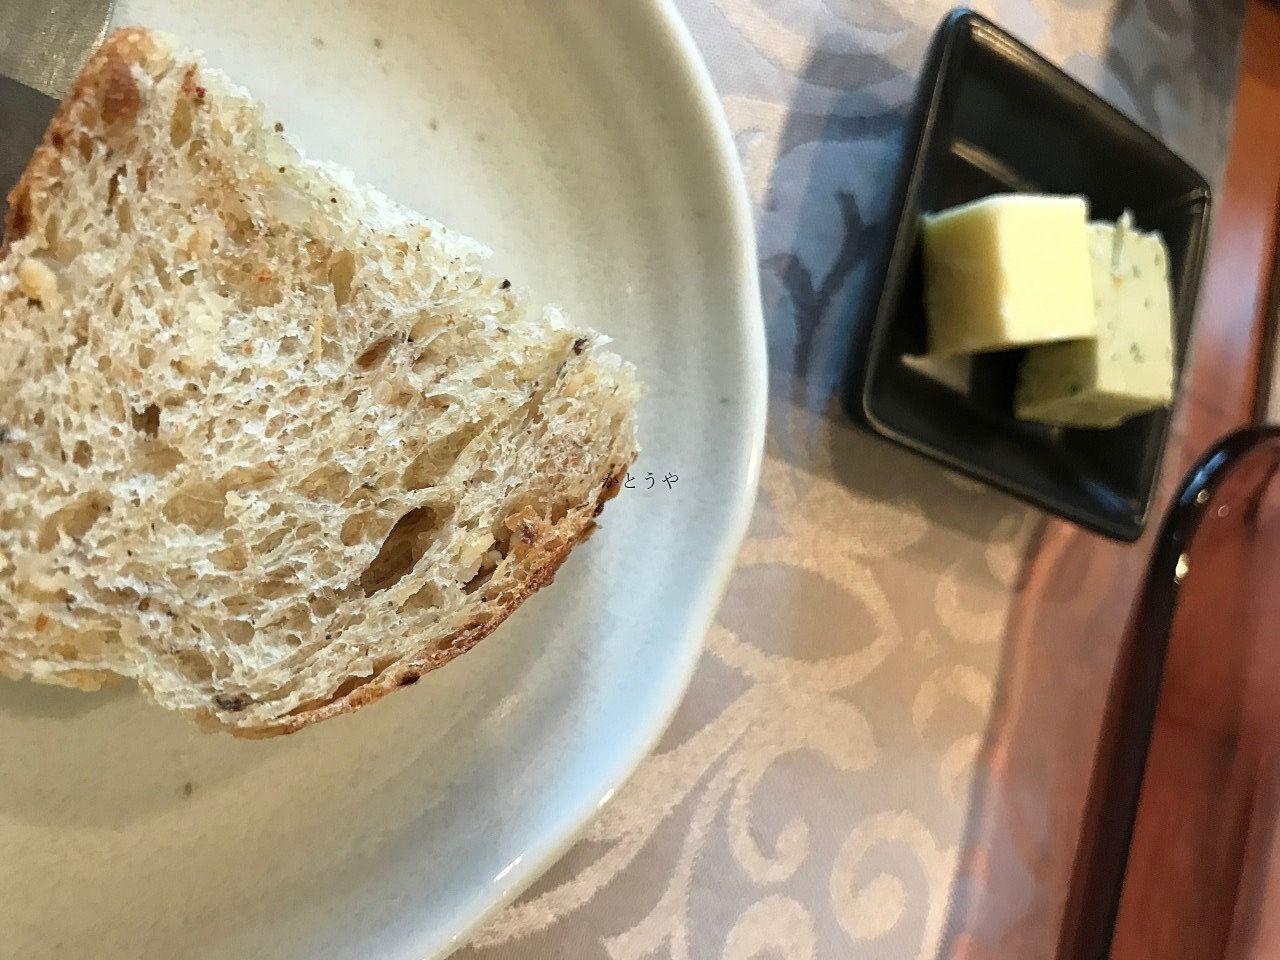 丁子屋栄さんのアンチョビバターは美味しいと有名です。